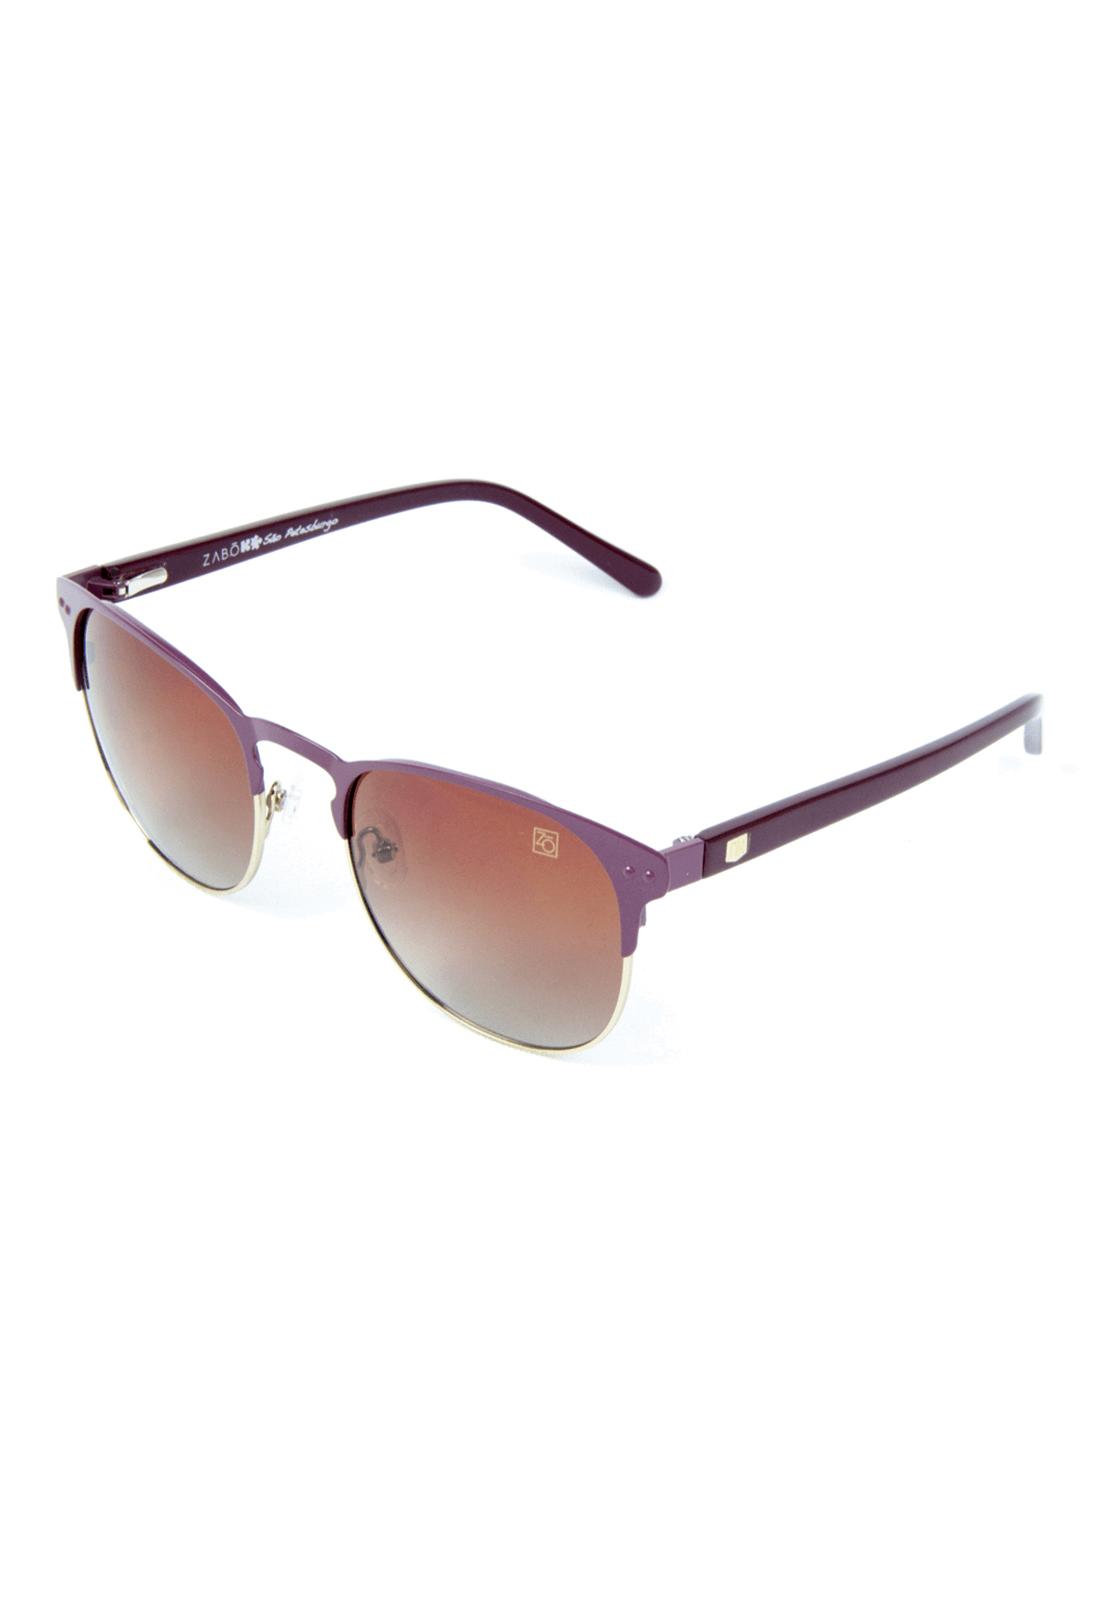 Óculos de Sol Polarizado Zabô São Petesburgo Roxo lente Brown